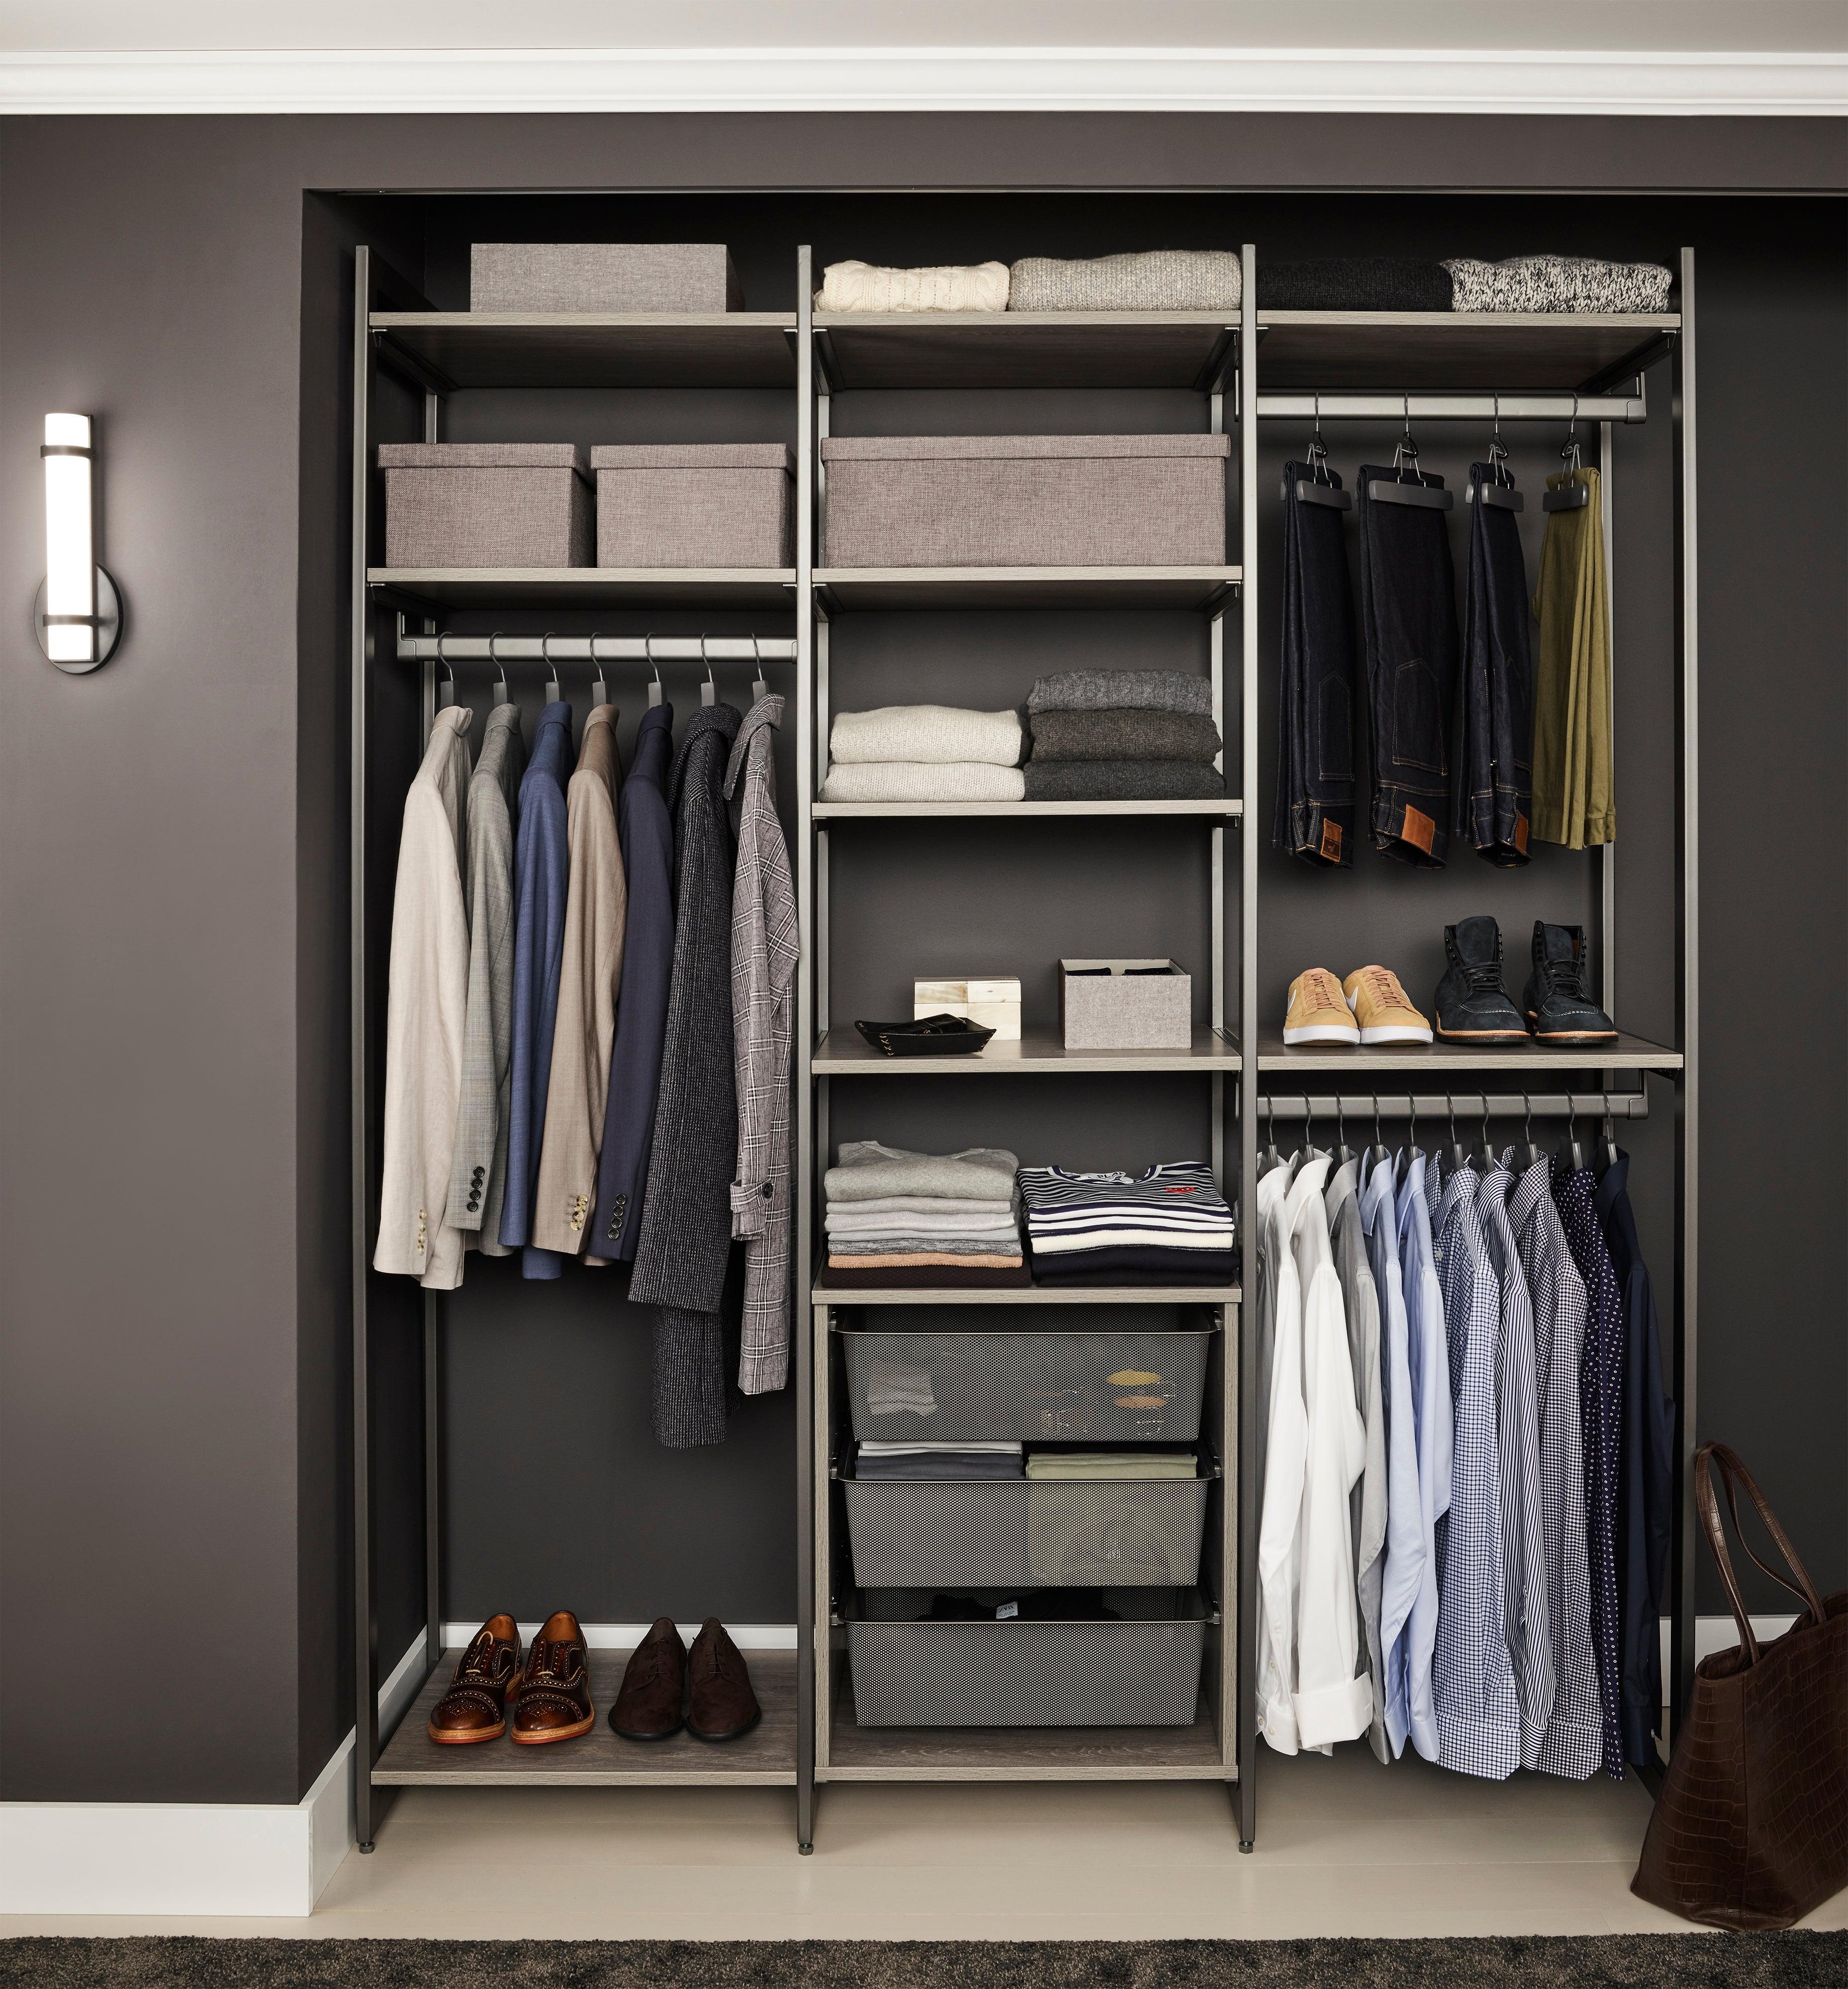 black closet with shelves